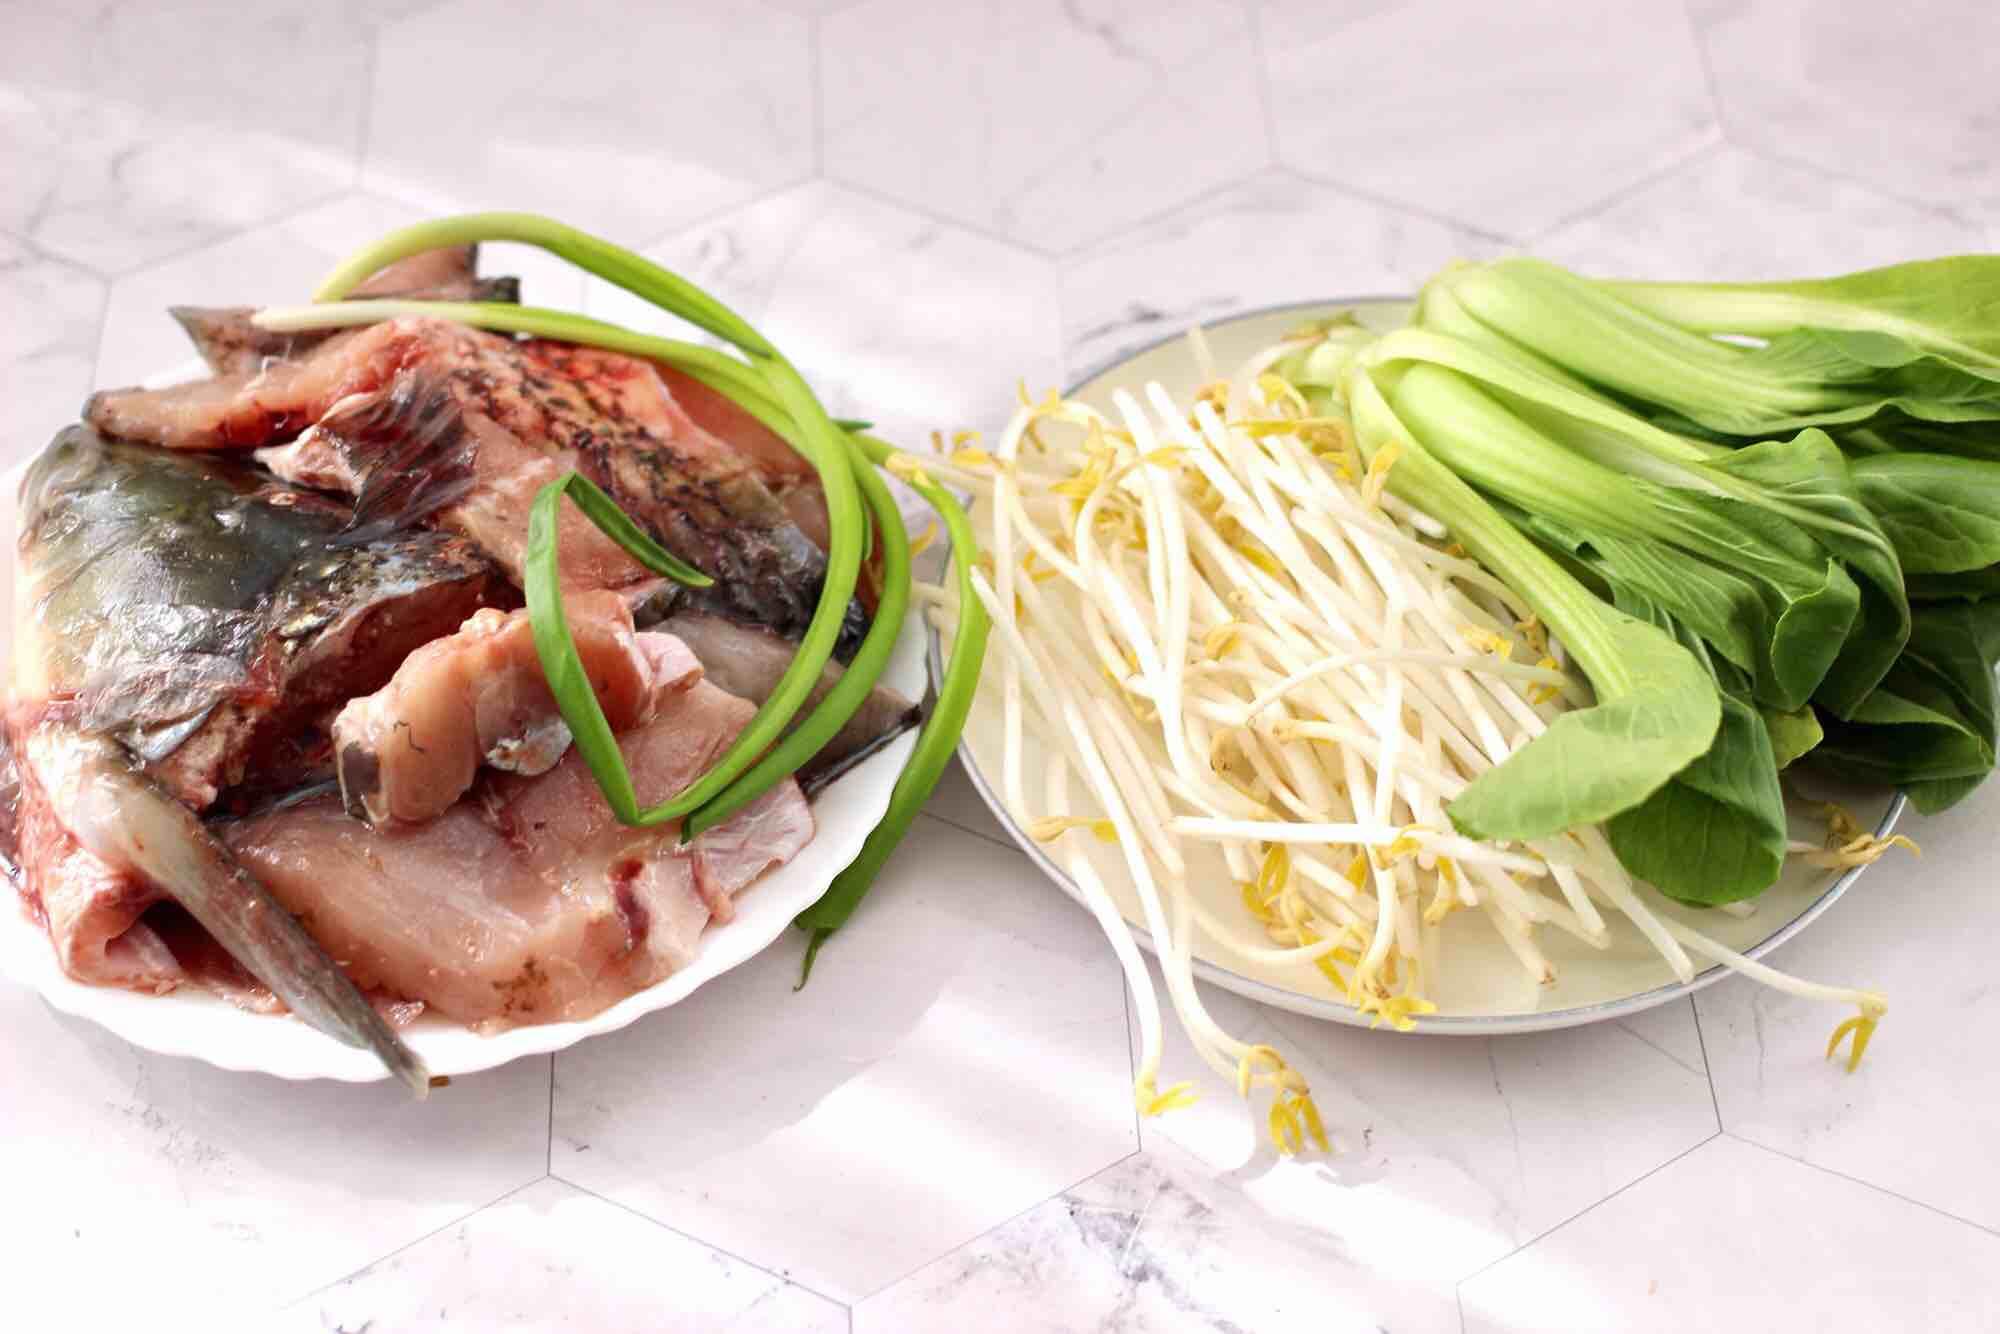 绿豆芽香辣鱼的做法大全